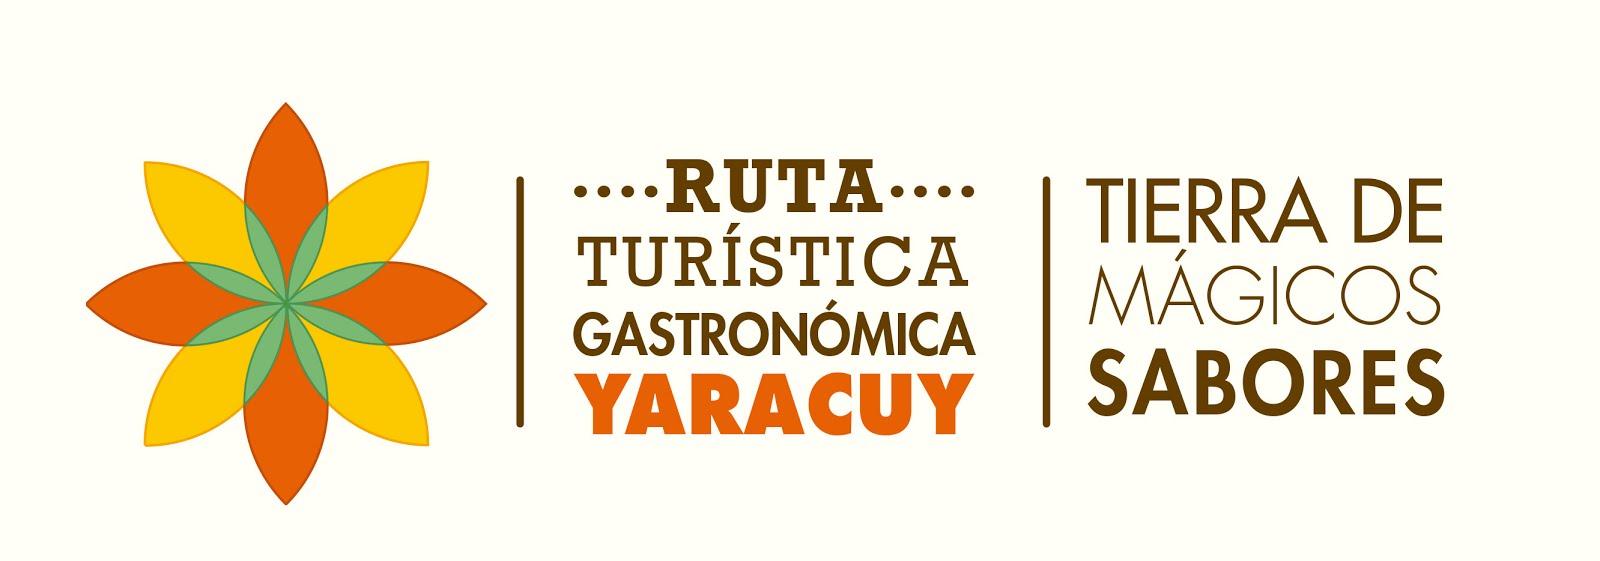 RUTA GASTRONÓMICA YARACUY